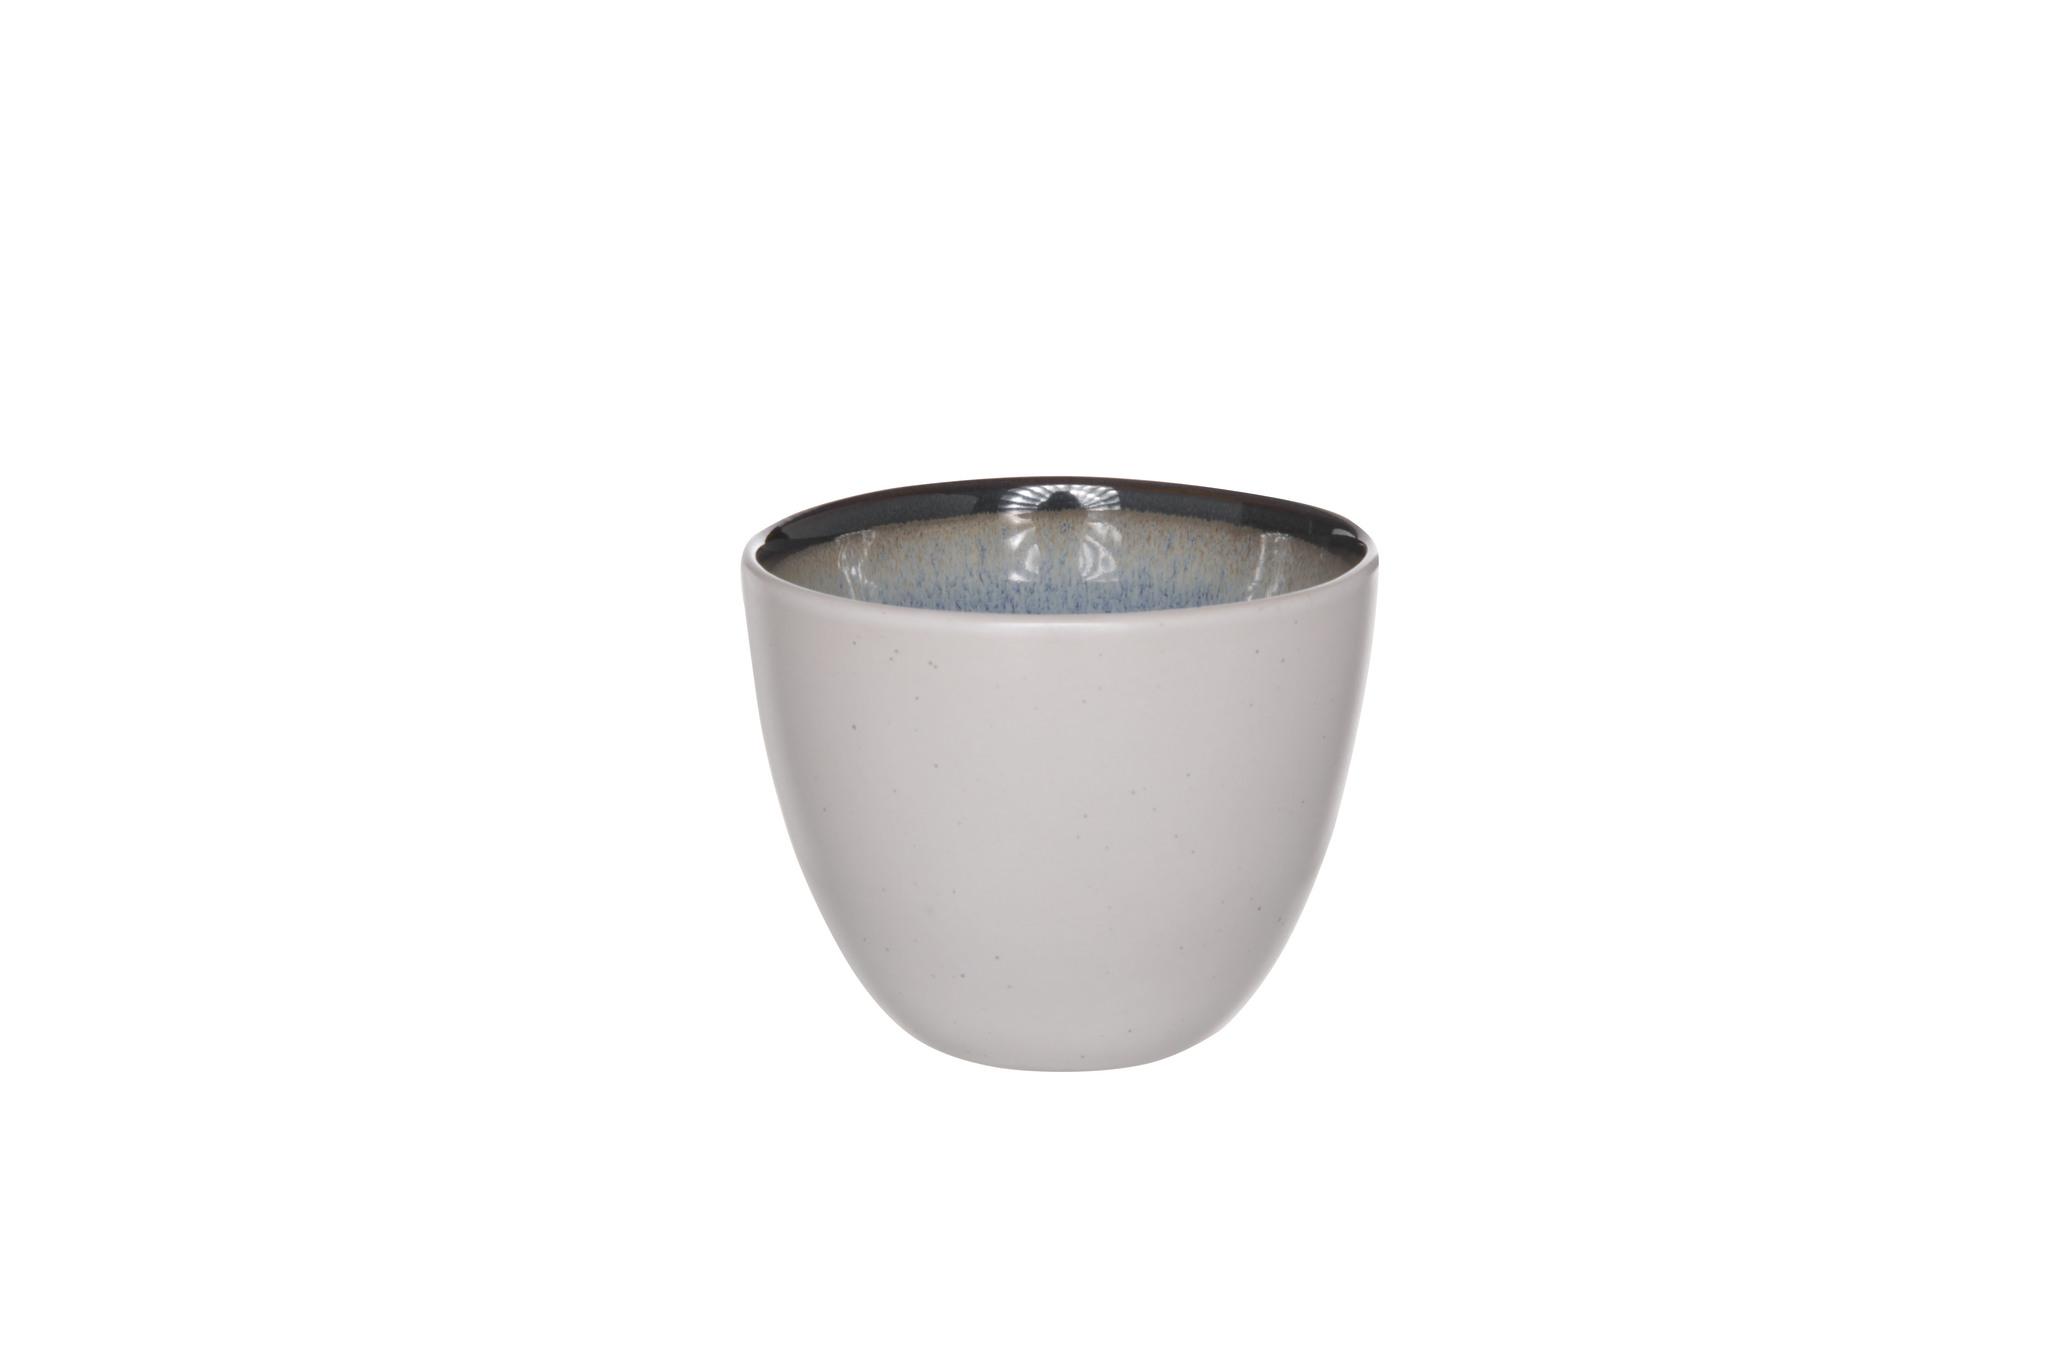 Чашка 260 мл COSY&amp;TRENDY Fez blue 7876170Кружки и чашки<br>Чашка 260 мл COSY&amp;TRENDY Fez blue 7876170<br><br>Эта коллекция из каменной керамики поражает удивительным цветом, текстурой и формой. Насыщенный темно-синий оттенок с волнистым рельефом погружают в песчаную лагуну. Органические края для дополнительного дизайна. Коллекция FEZ Blue воссоздает исключительный внешний вид приготовленных блюд.<br>